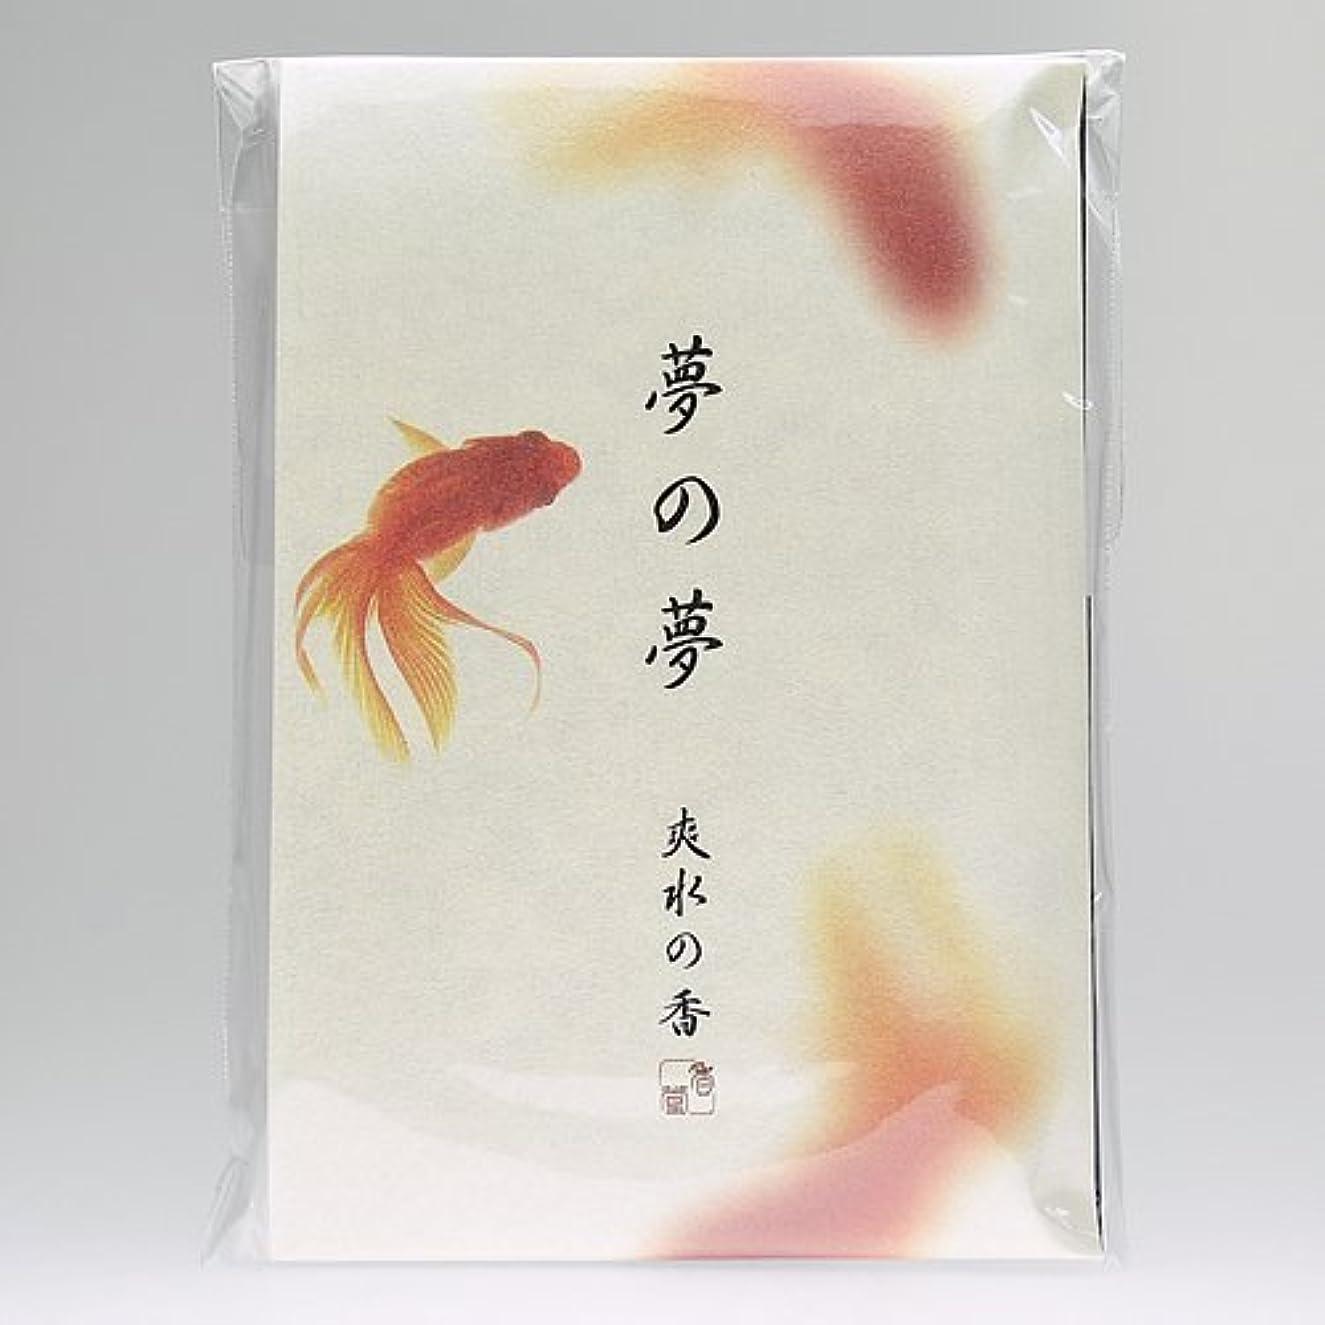 丁寧溶融中世の夢の夢 爽水の香 (金魚) スティック12本入